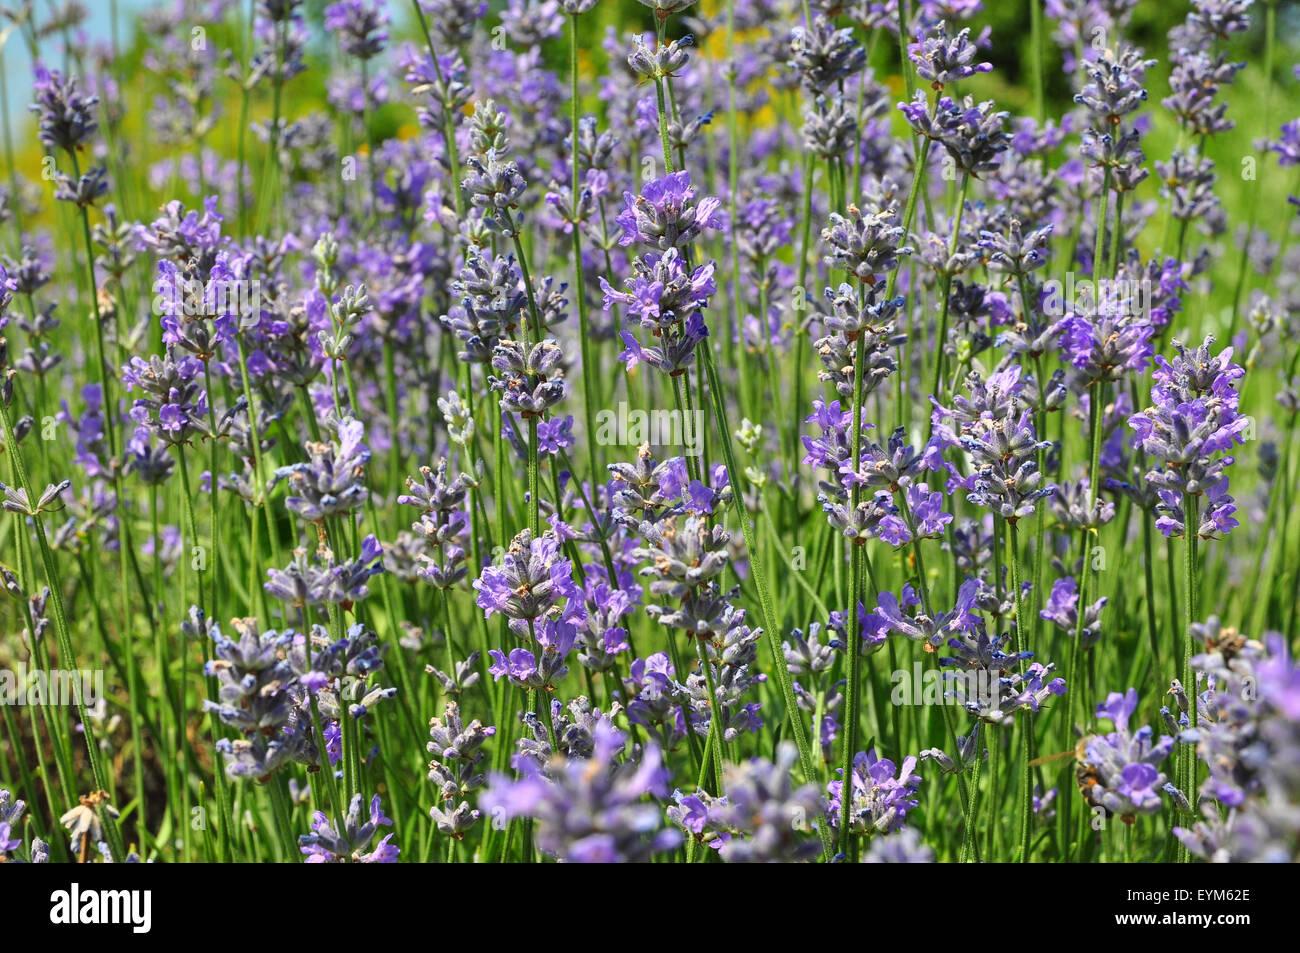 Botanik, Kräutergarten, Lavendel, - Stock Image